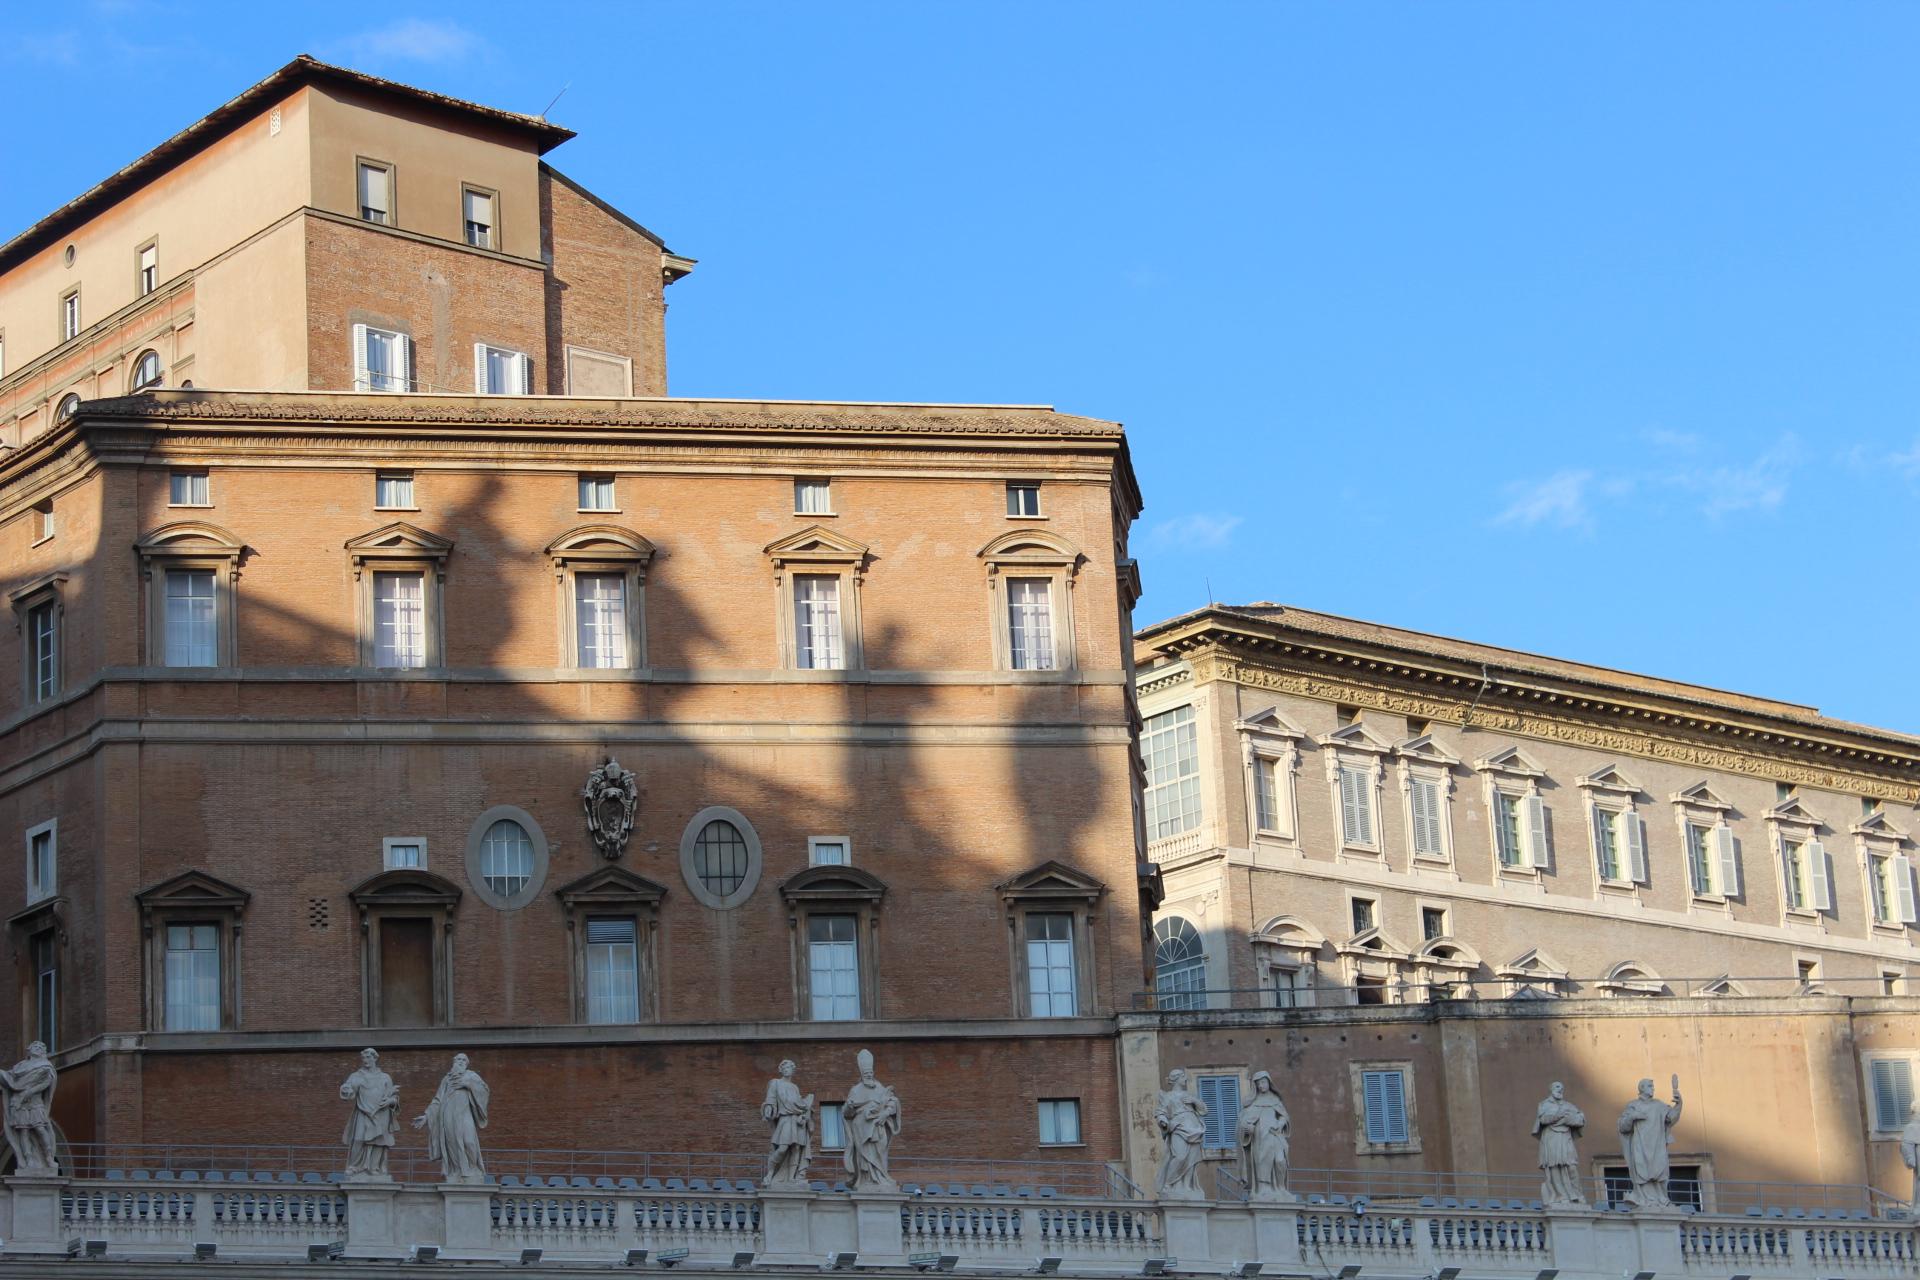 Zdjęcie: widok na Watykan z placu św. Piotra, fot. misyjne.pl